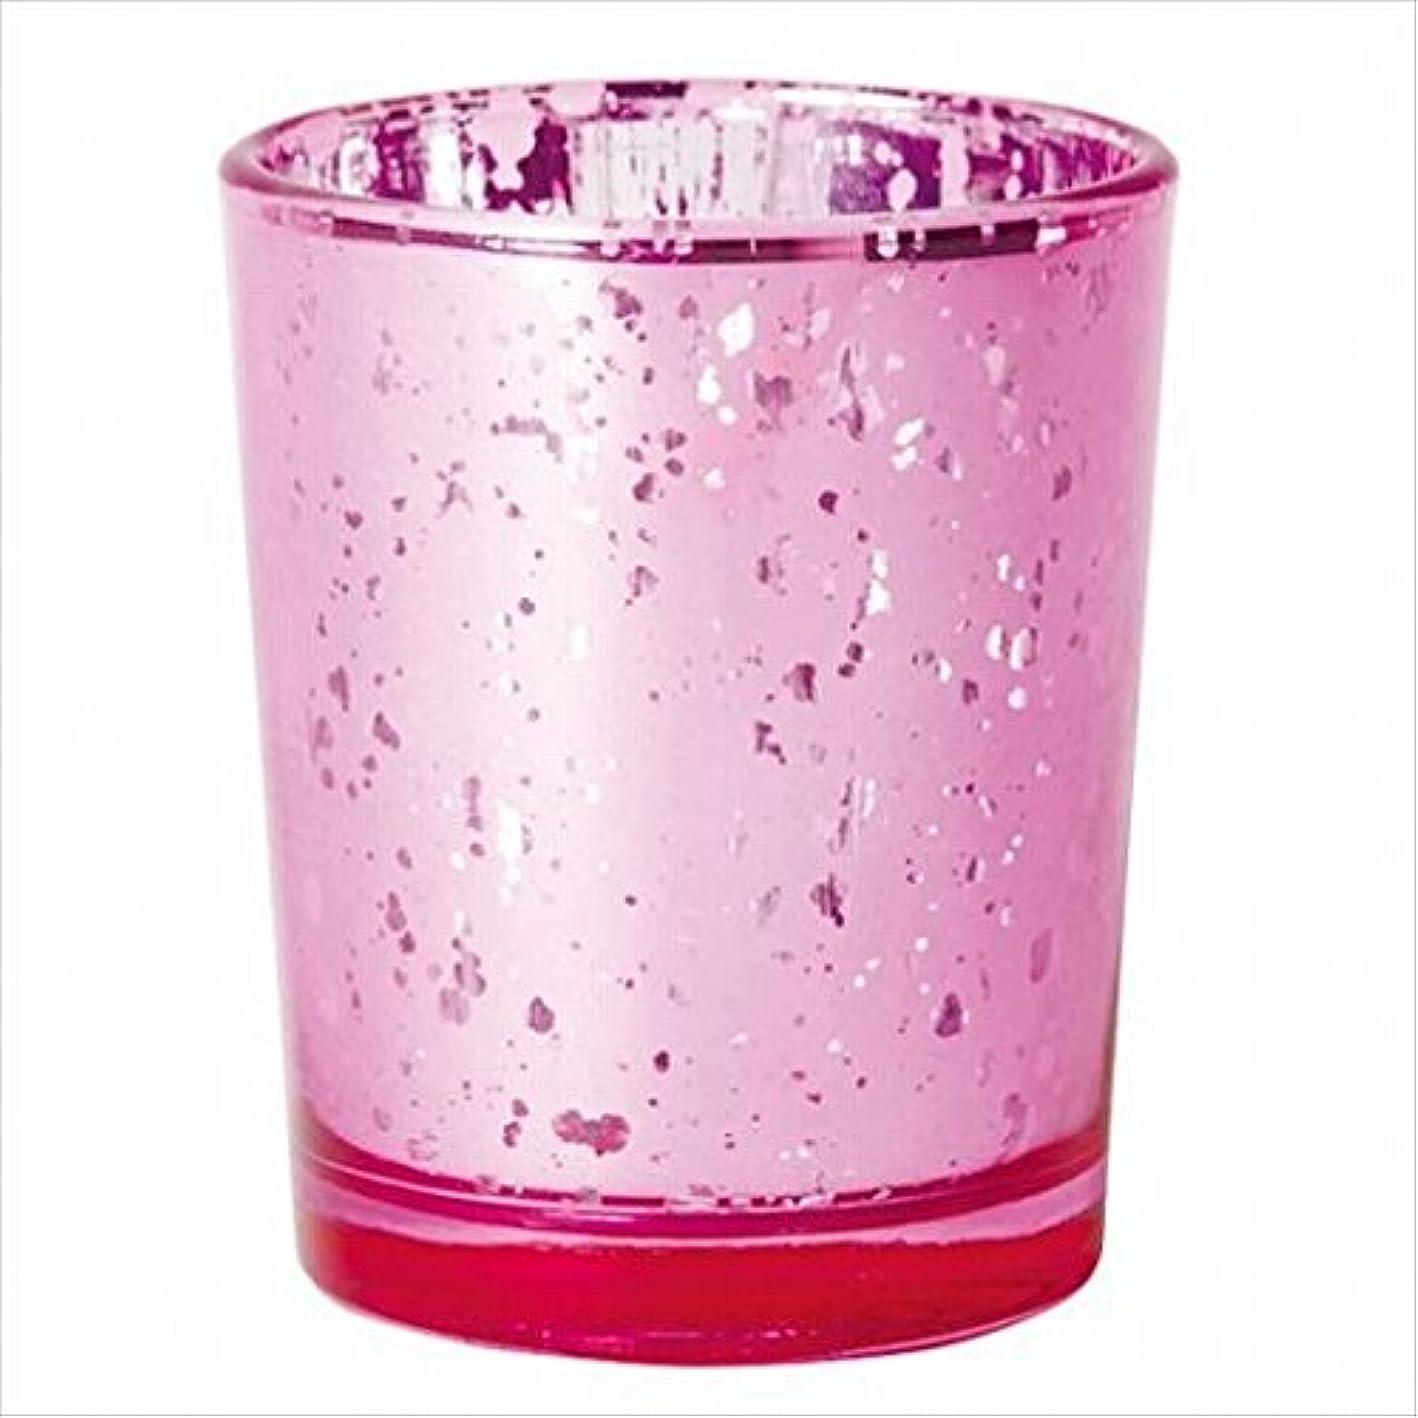 ヒント小説家第カメヤマキャンドル(kameyama candle) ヴィンテージグラス 「 ピンク 」 キャンドルホルダー